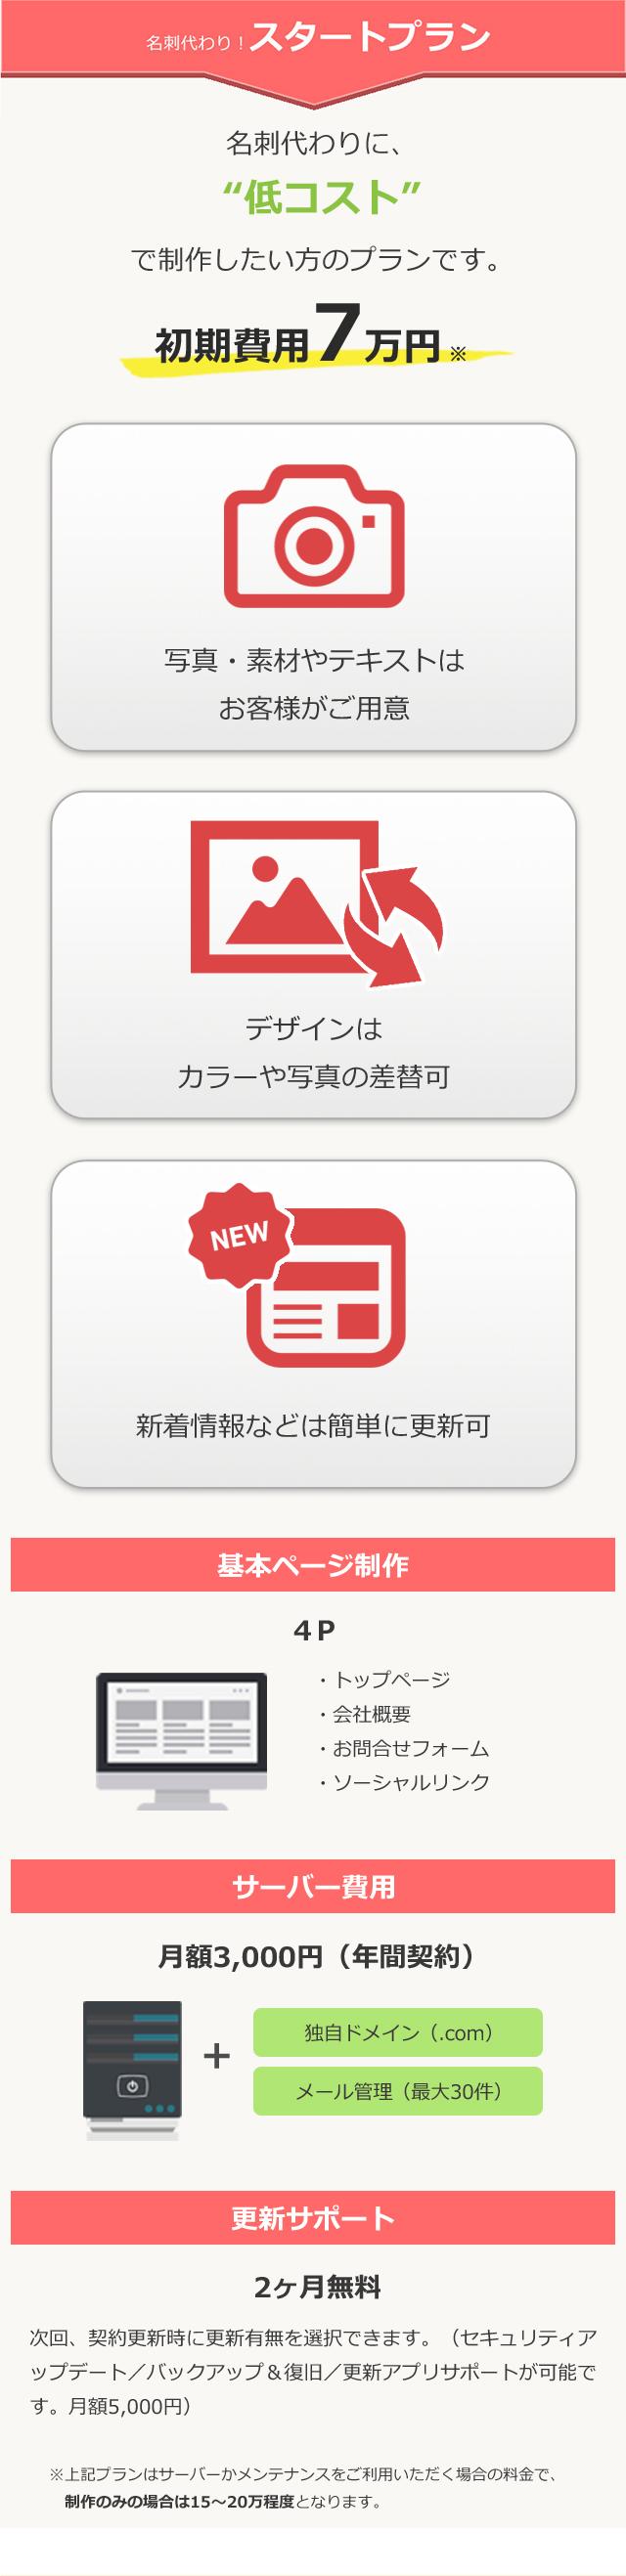 """名刺代わり!スタートプラン 名刺代わりに、""""低コストで制作したい方のプランです。初期費用7万円"""""""